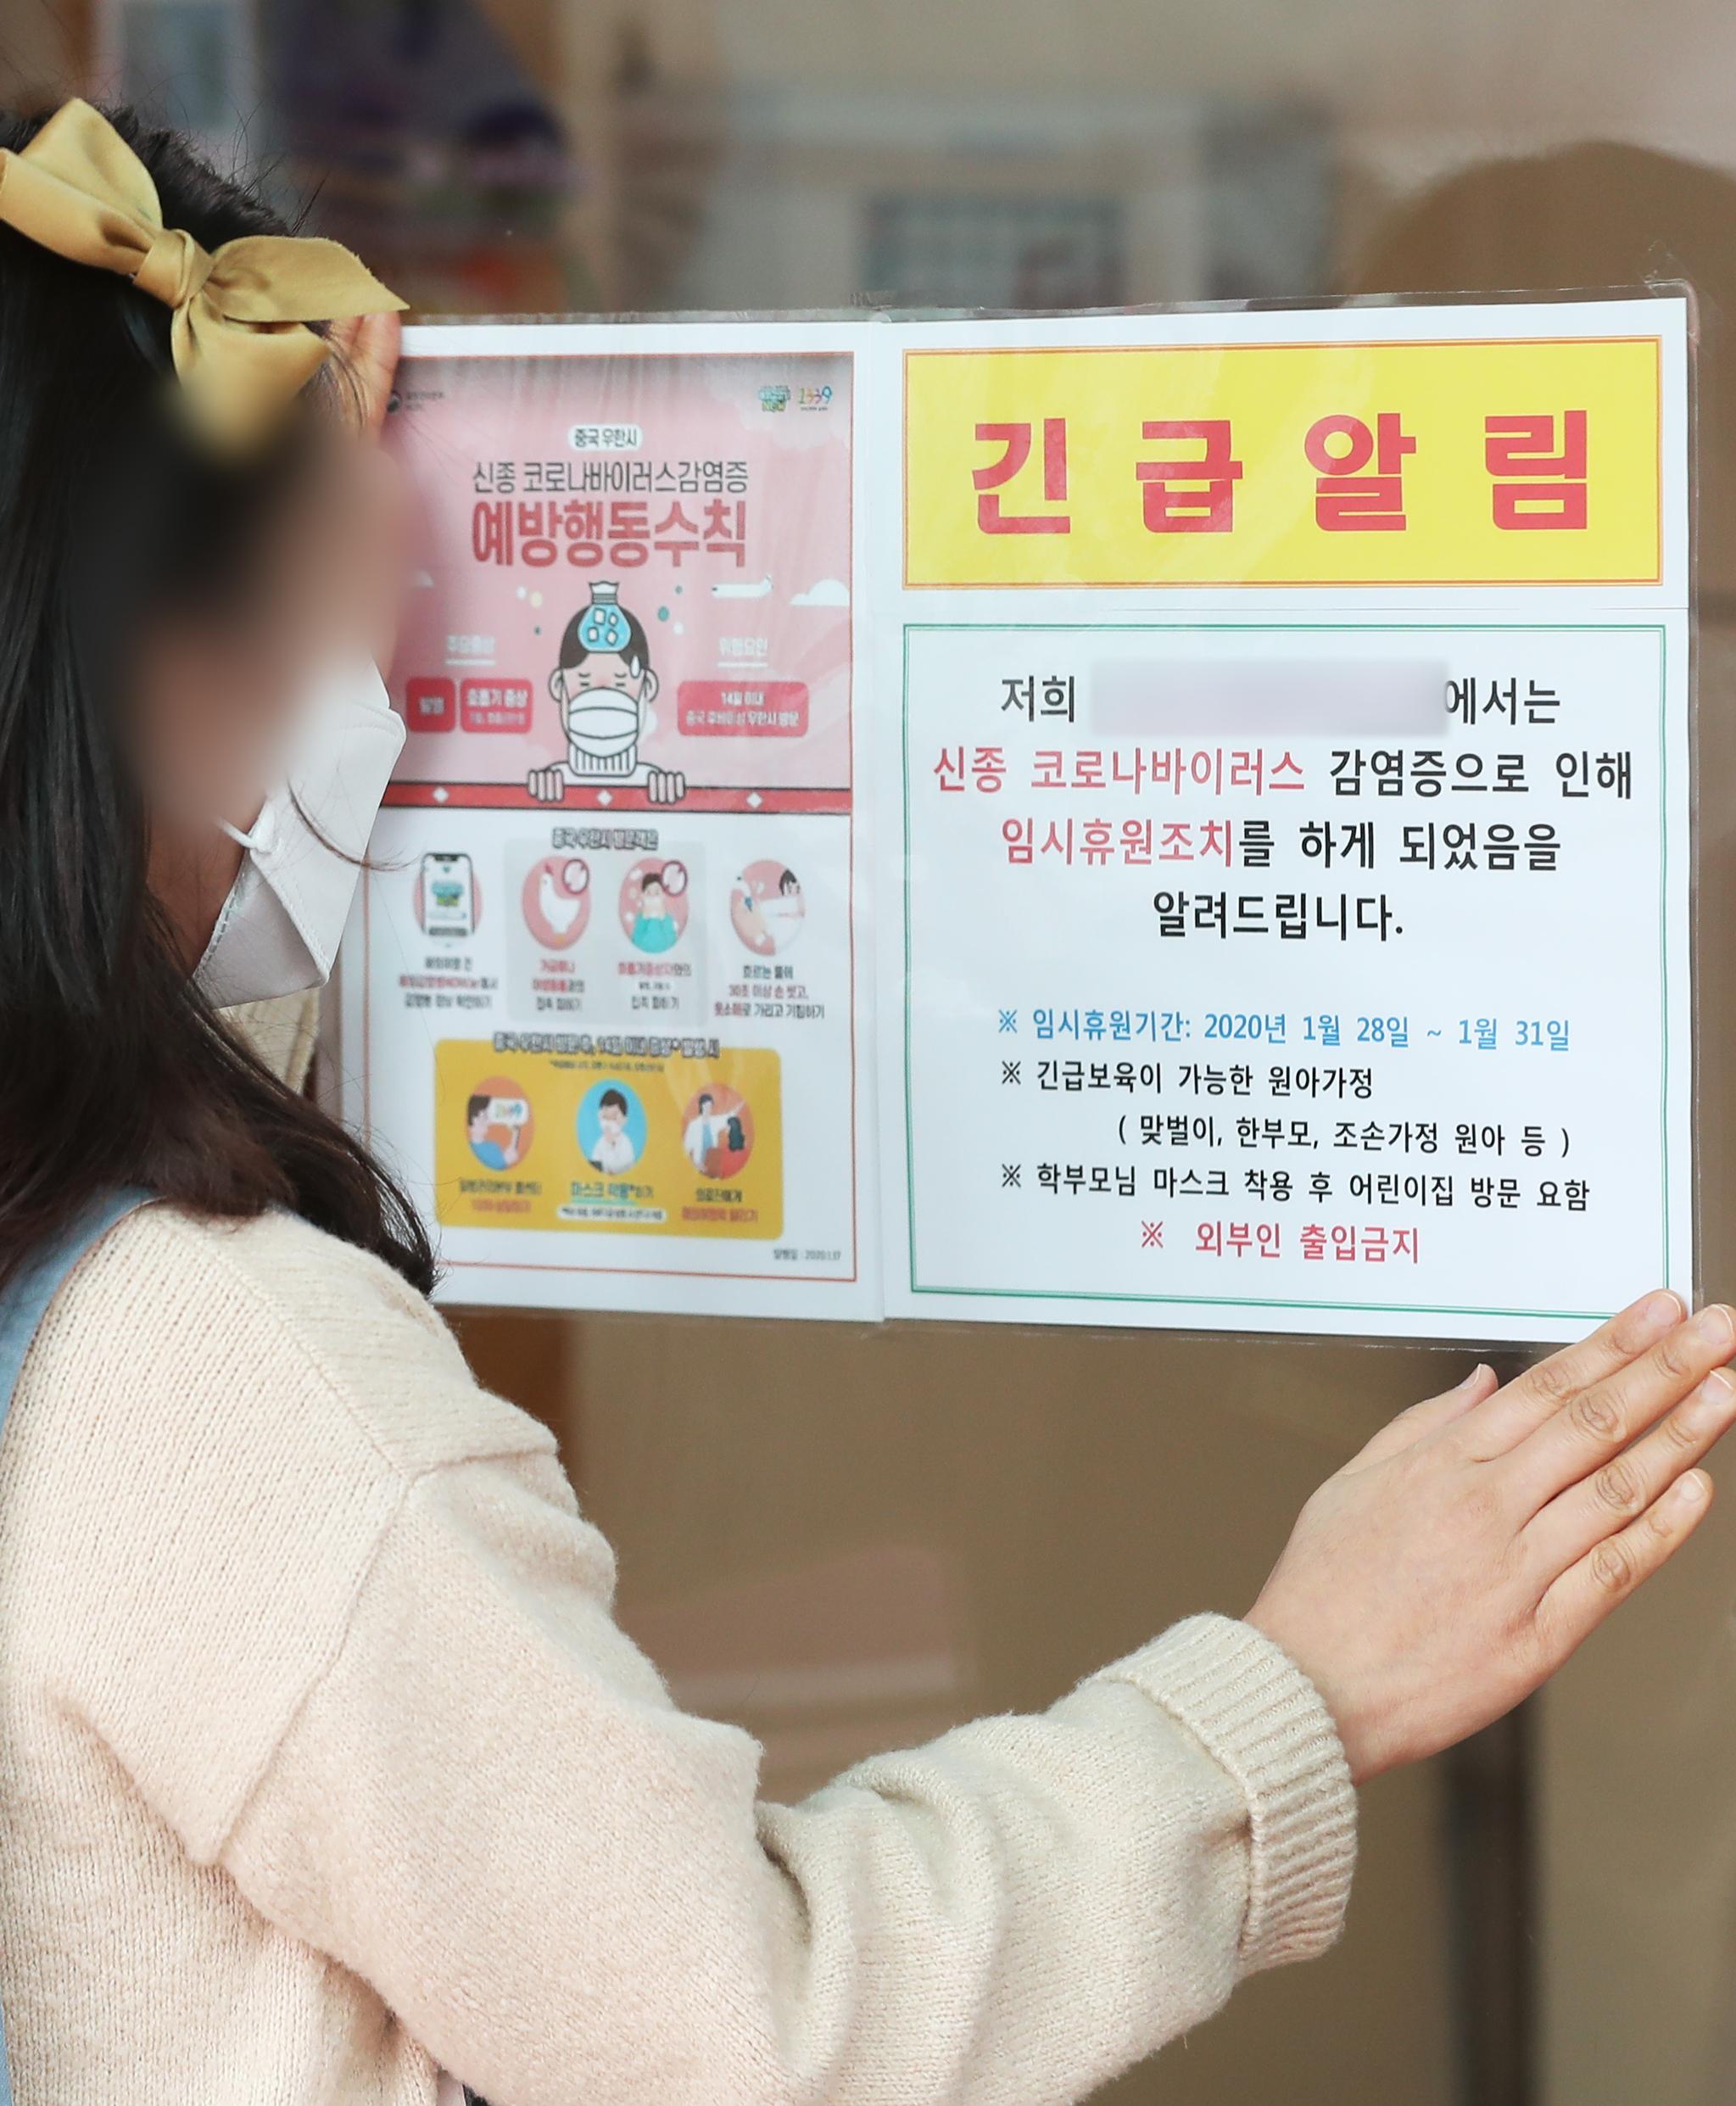 지난 1월 경기도 평택시의 한 어린이집에서 관계자가 신종 코로나로 인한 임시 휴원 안내문을 붙이고 있다. 연합뉴스